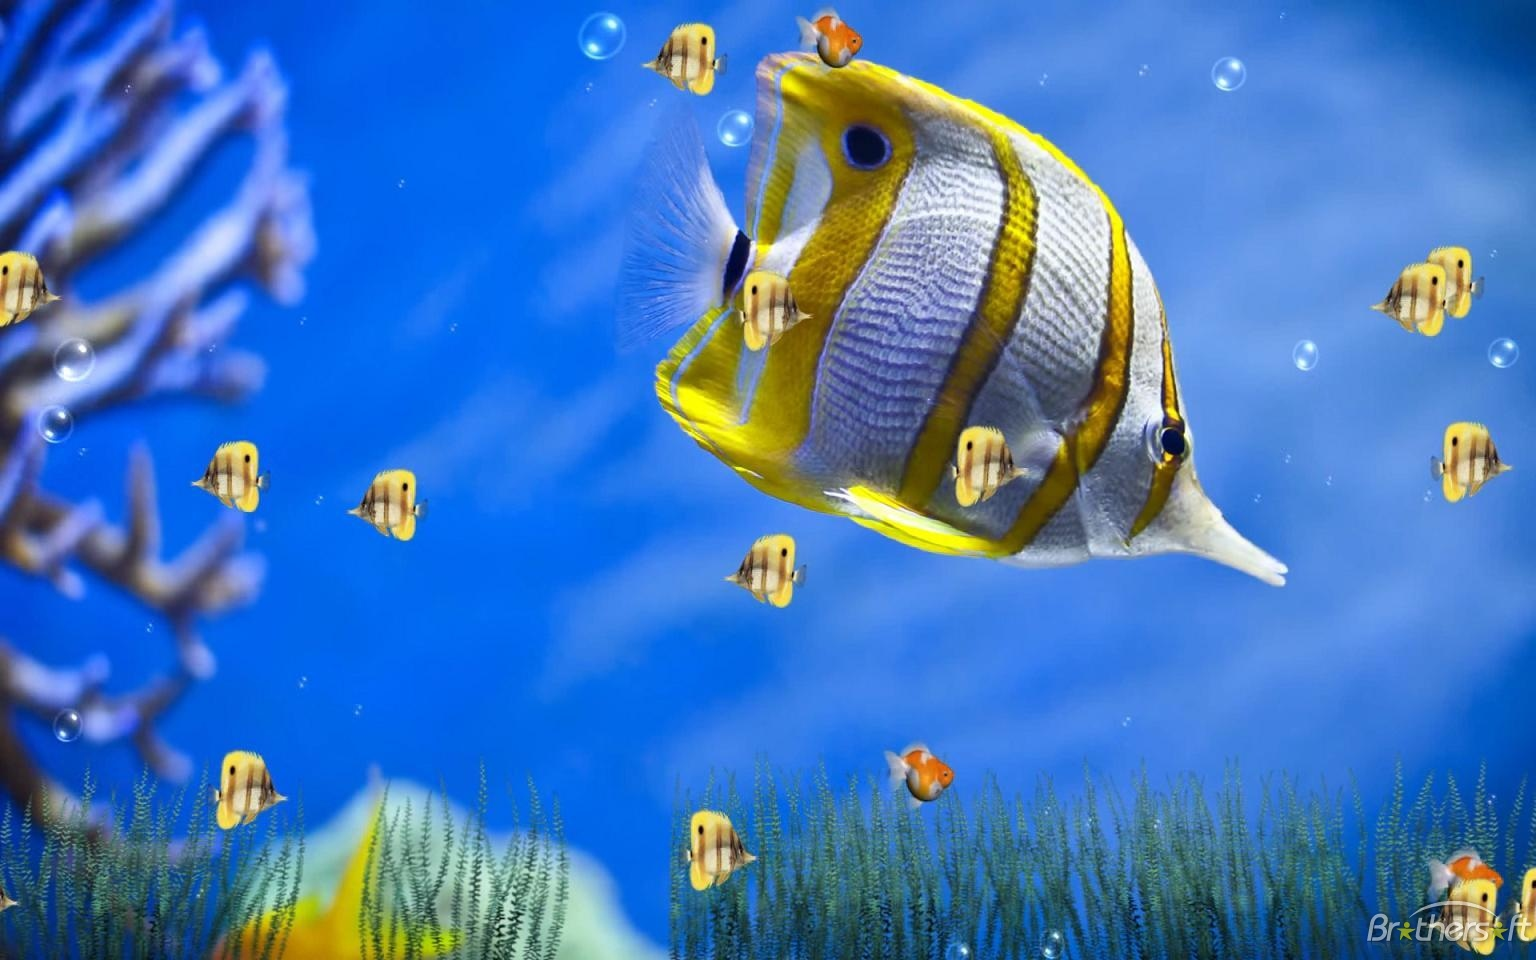 Marine Life Aquarium Animated Wallpaper Marine Life Aquarium 1536x960